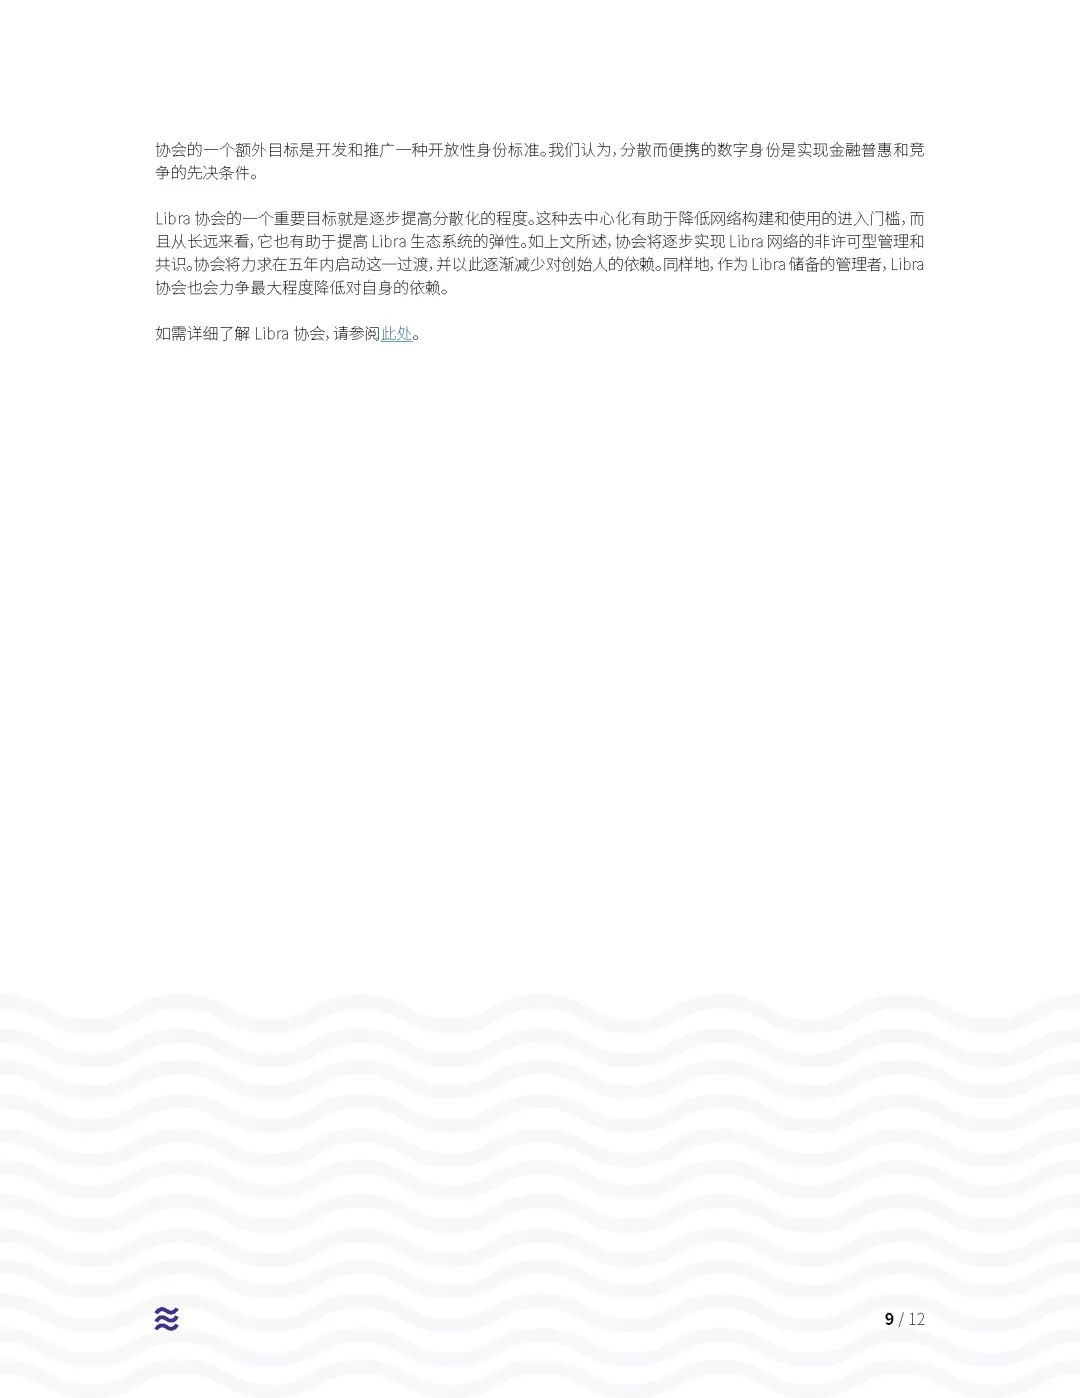 Facebook加密货币项目Libra中文白皮书